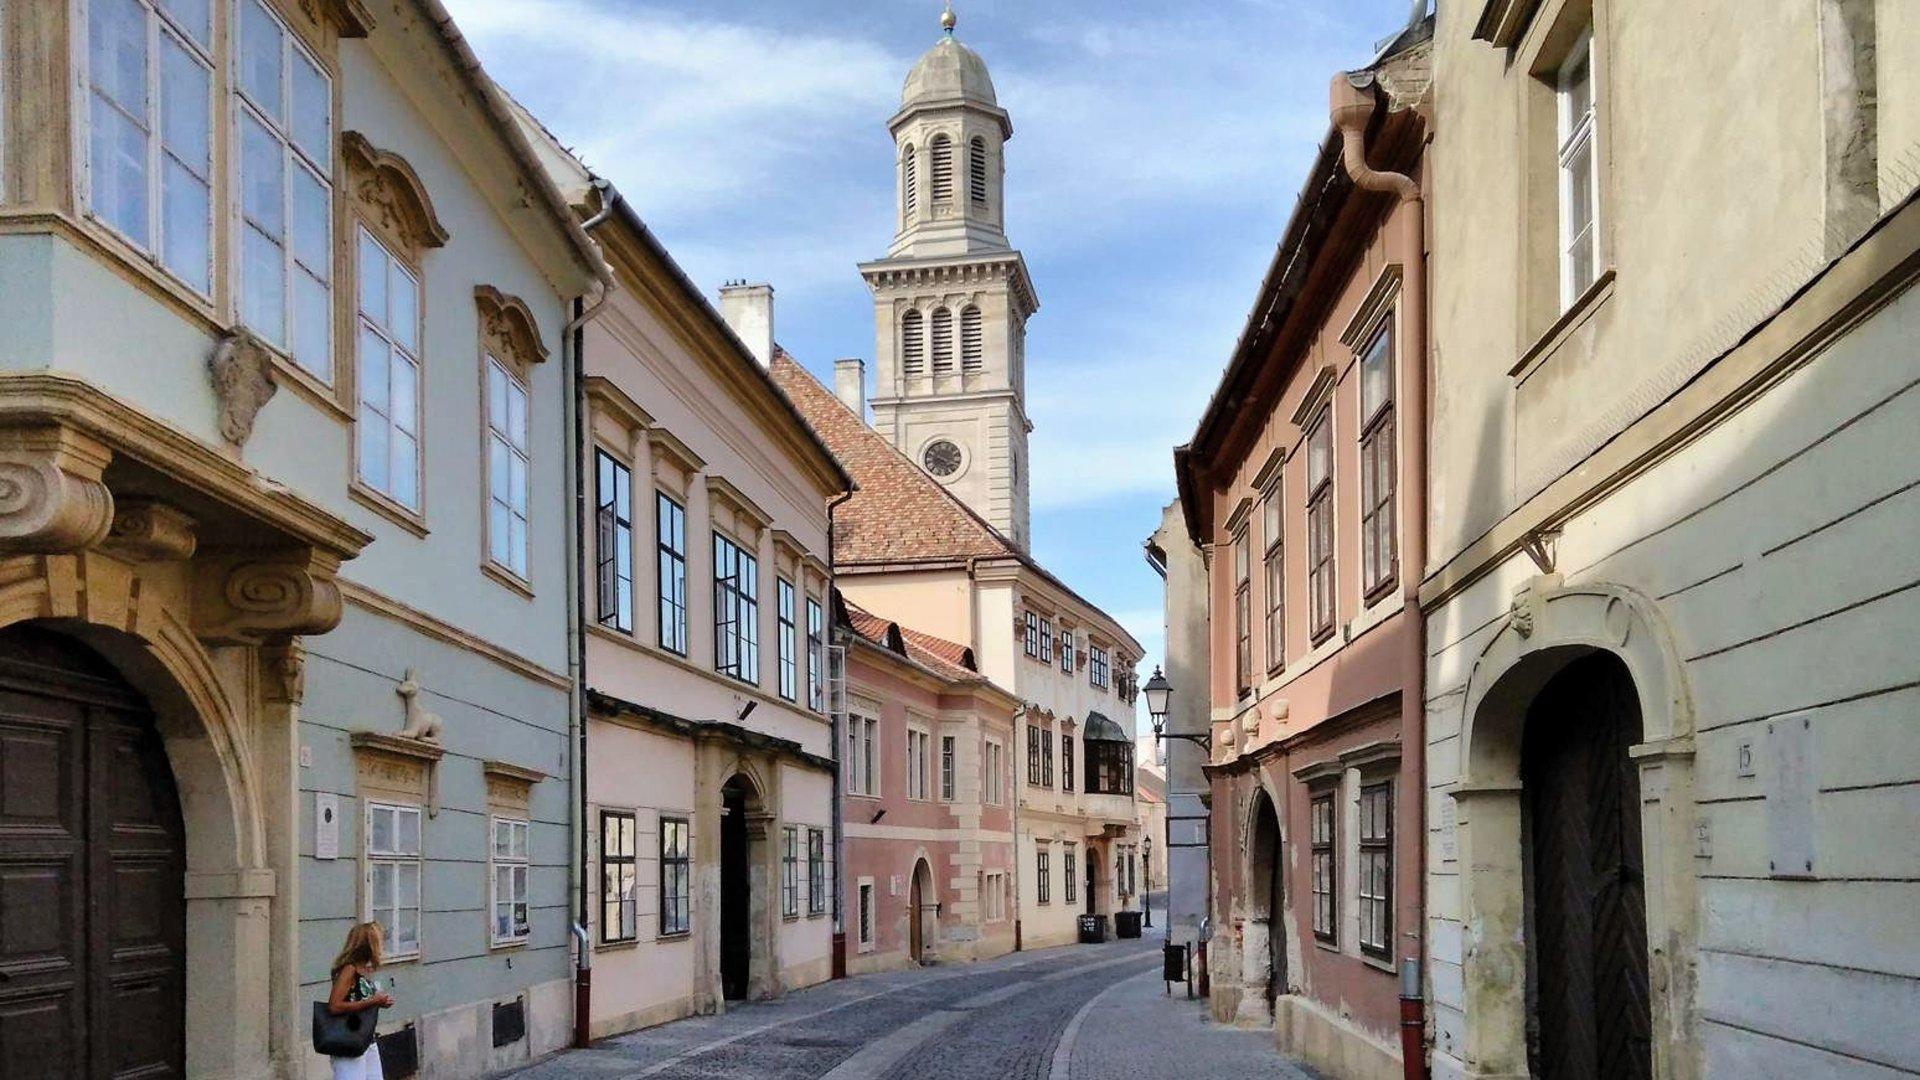 Šoproň v Maďarsku – Průvodce městem a jeho krásami